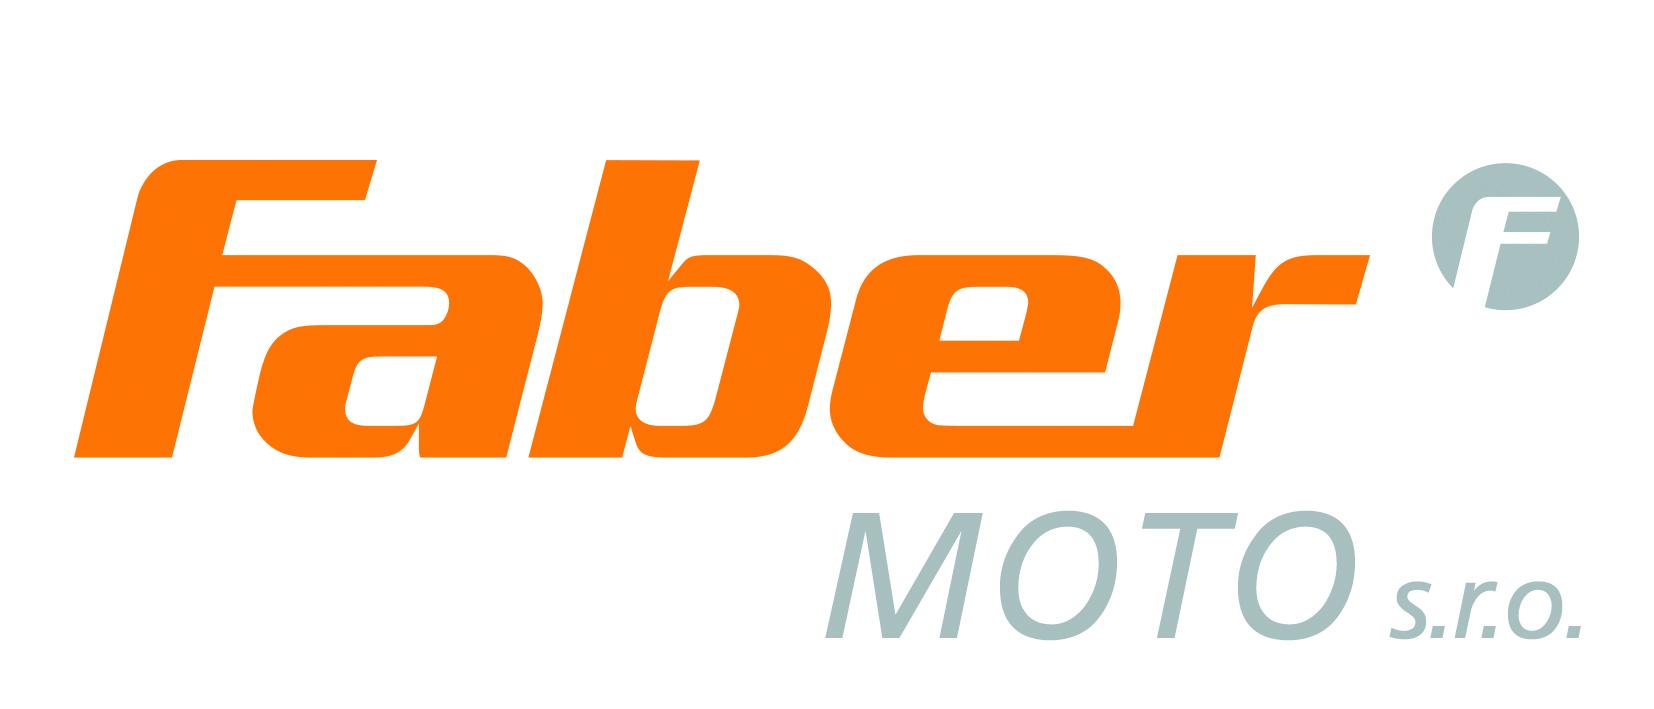 Výsledek obrázku pro Faber moto s.r.o. logo